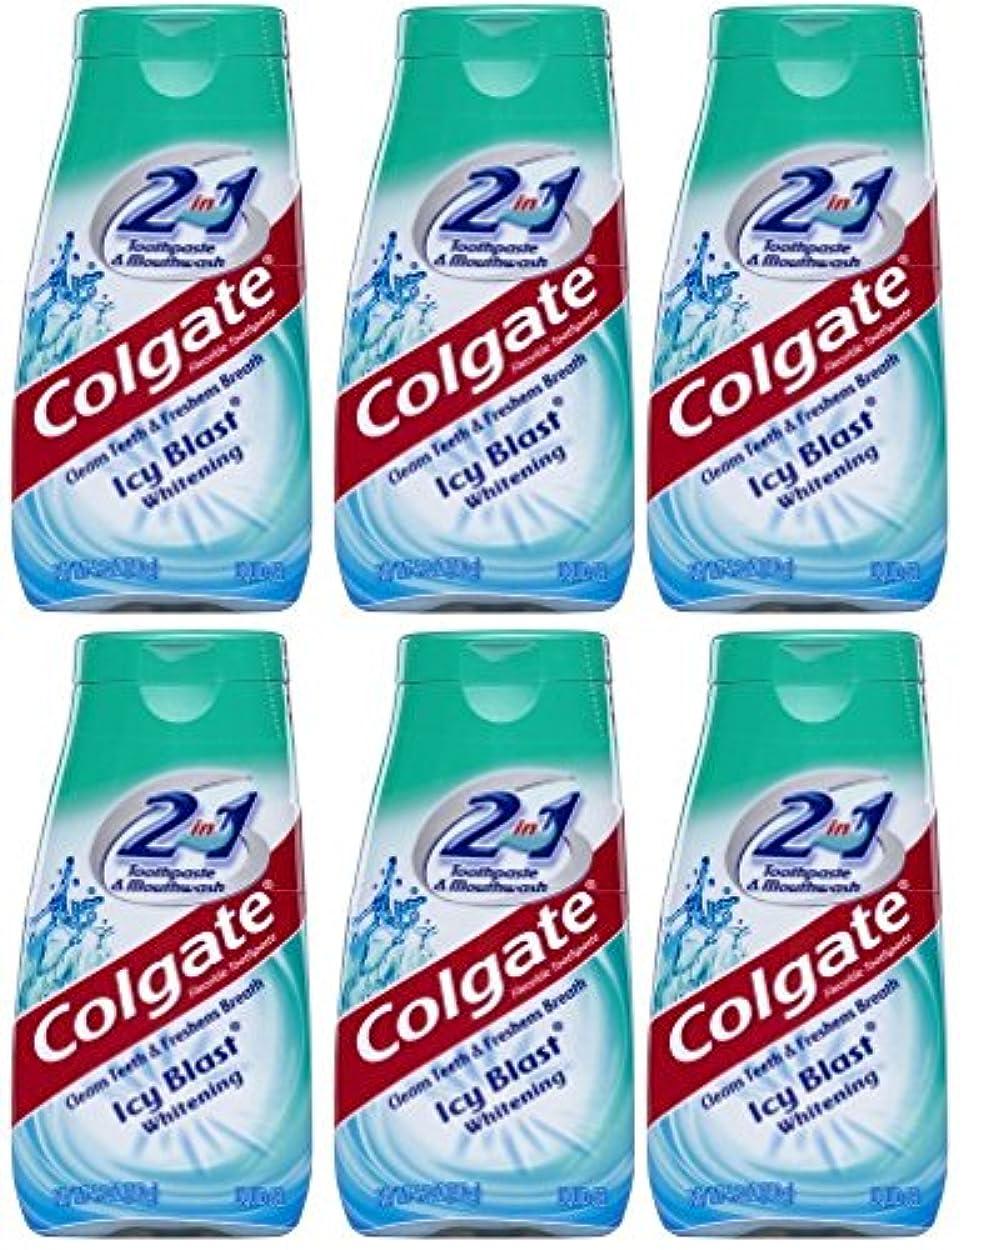 ファイナンス希少性重要Colgate 2-IN-1歯磨き粉およびマウスウォッシュ、美白アイシーブラスト、4.6オンスチューブ(6パック) 6パック